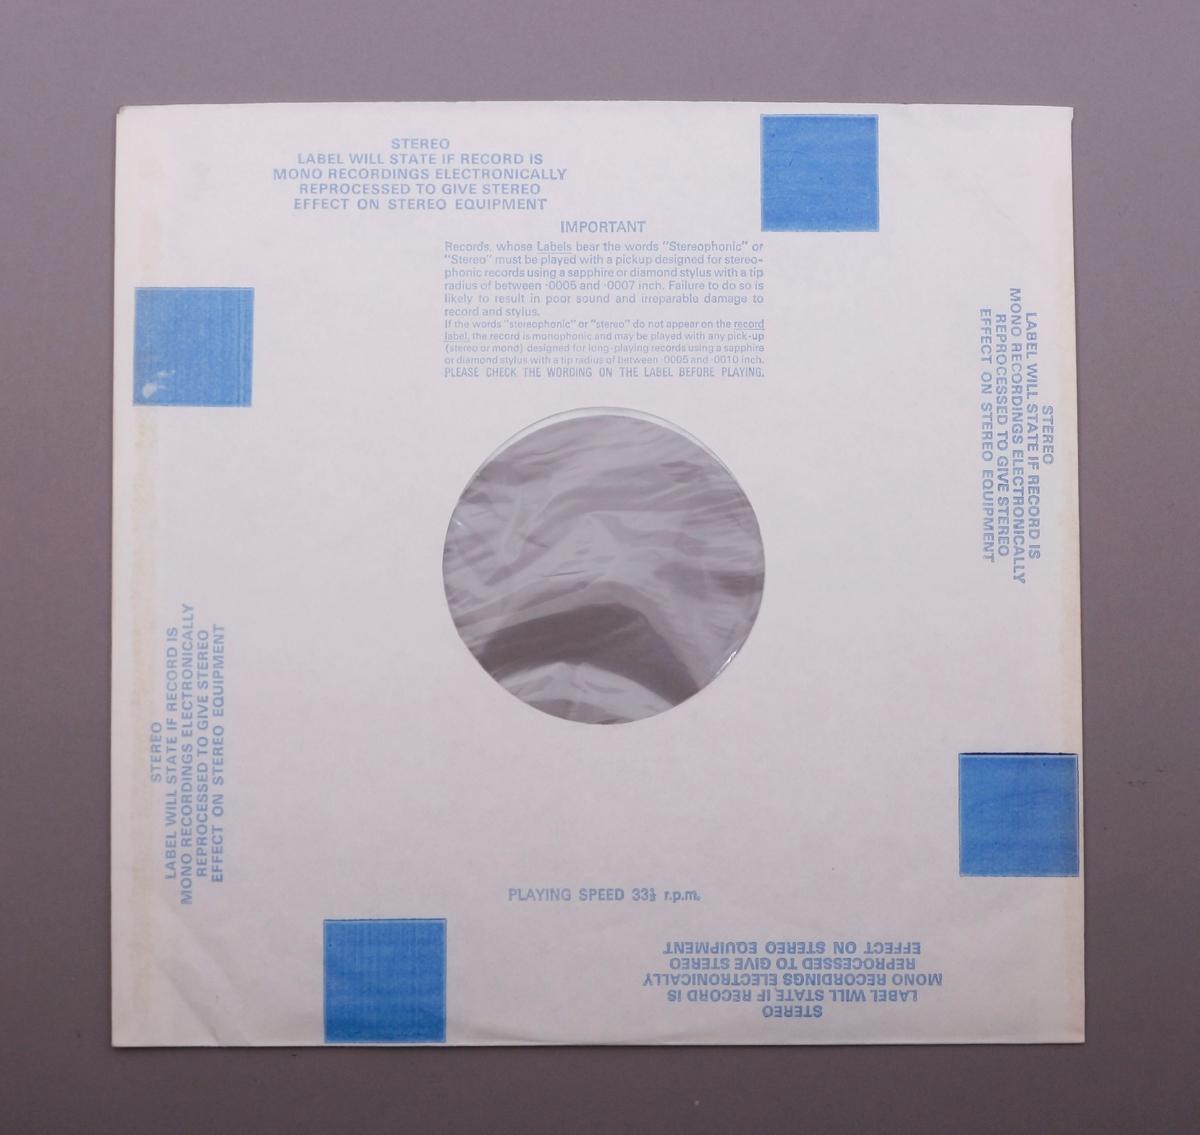 Grammofonplate i svart vinyl og plateomslag i papp med beskyttelsesplast fortsatt på. Plata ligger i en plast- og papirlomme.